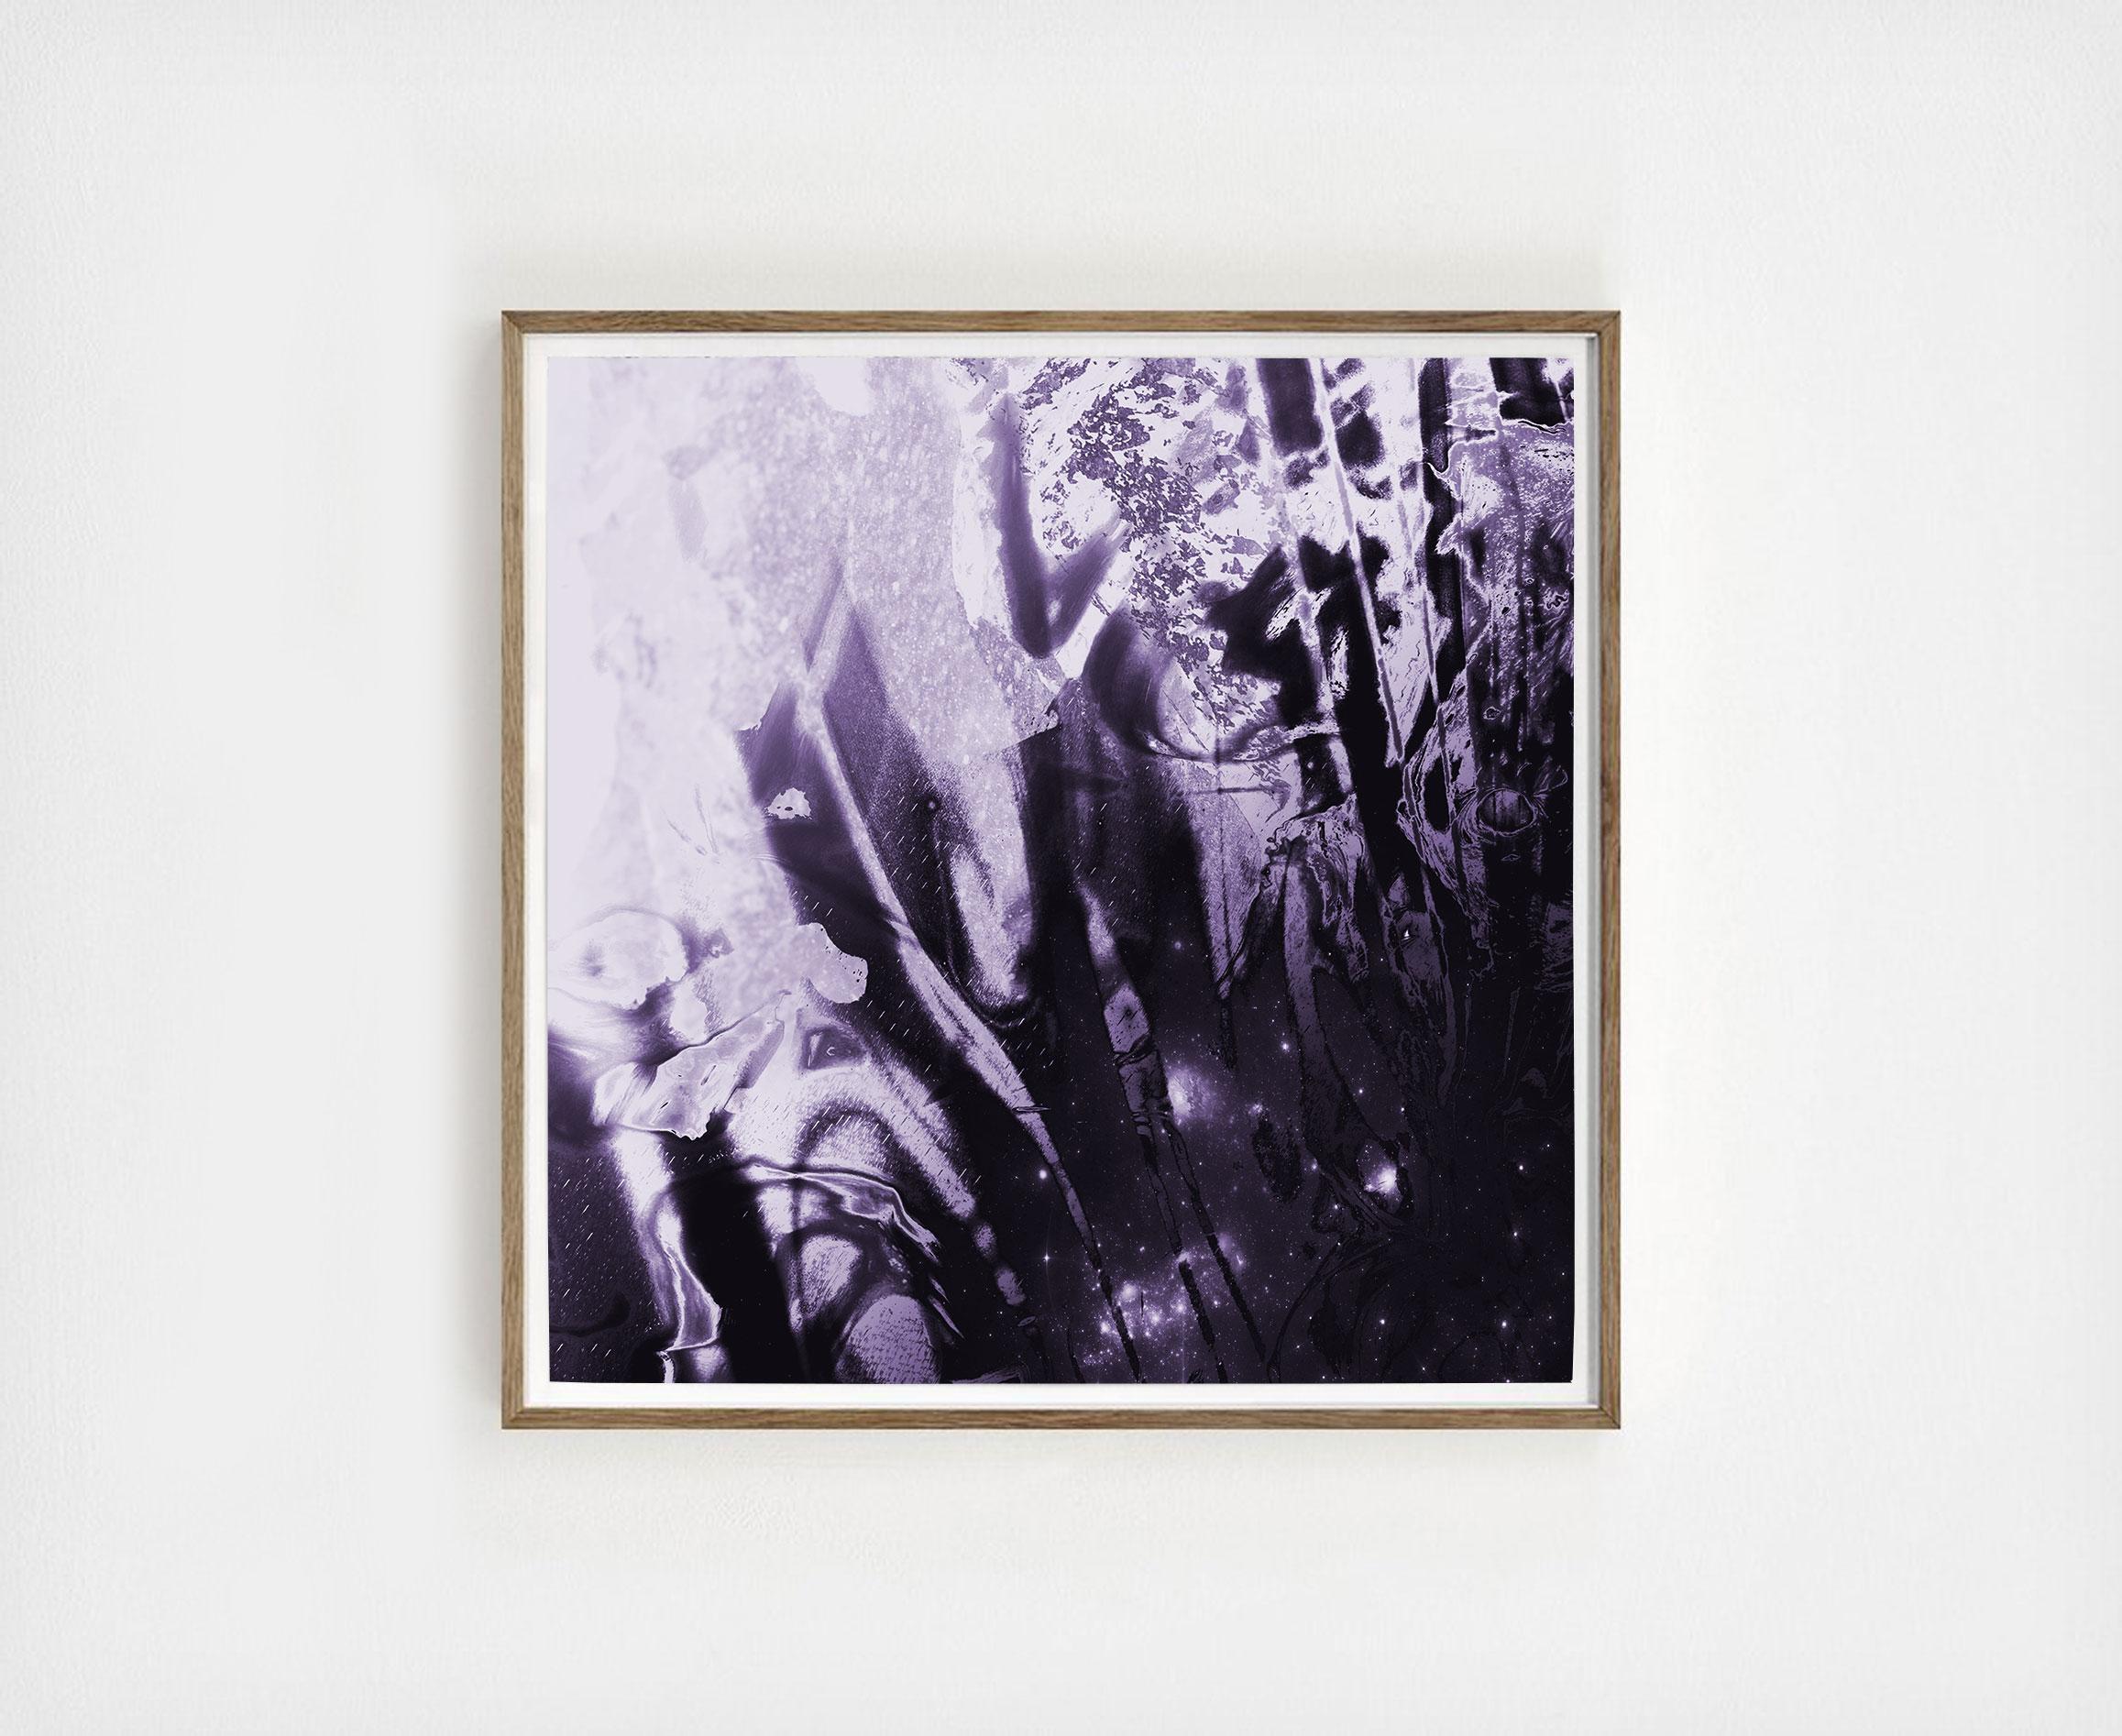 01-PersonalArtPrintsDecor-08b